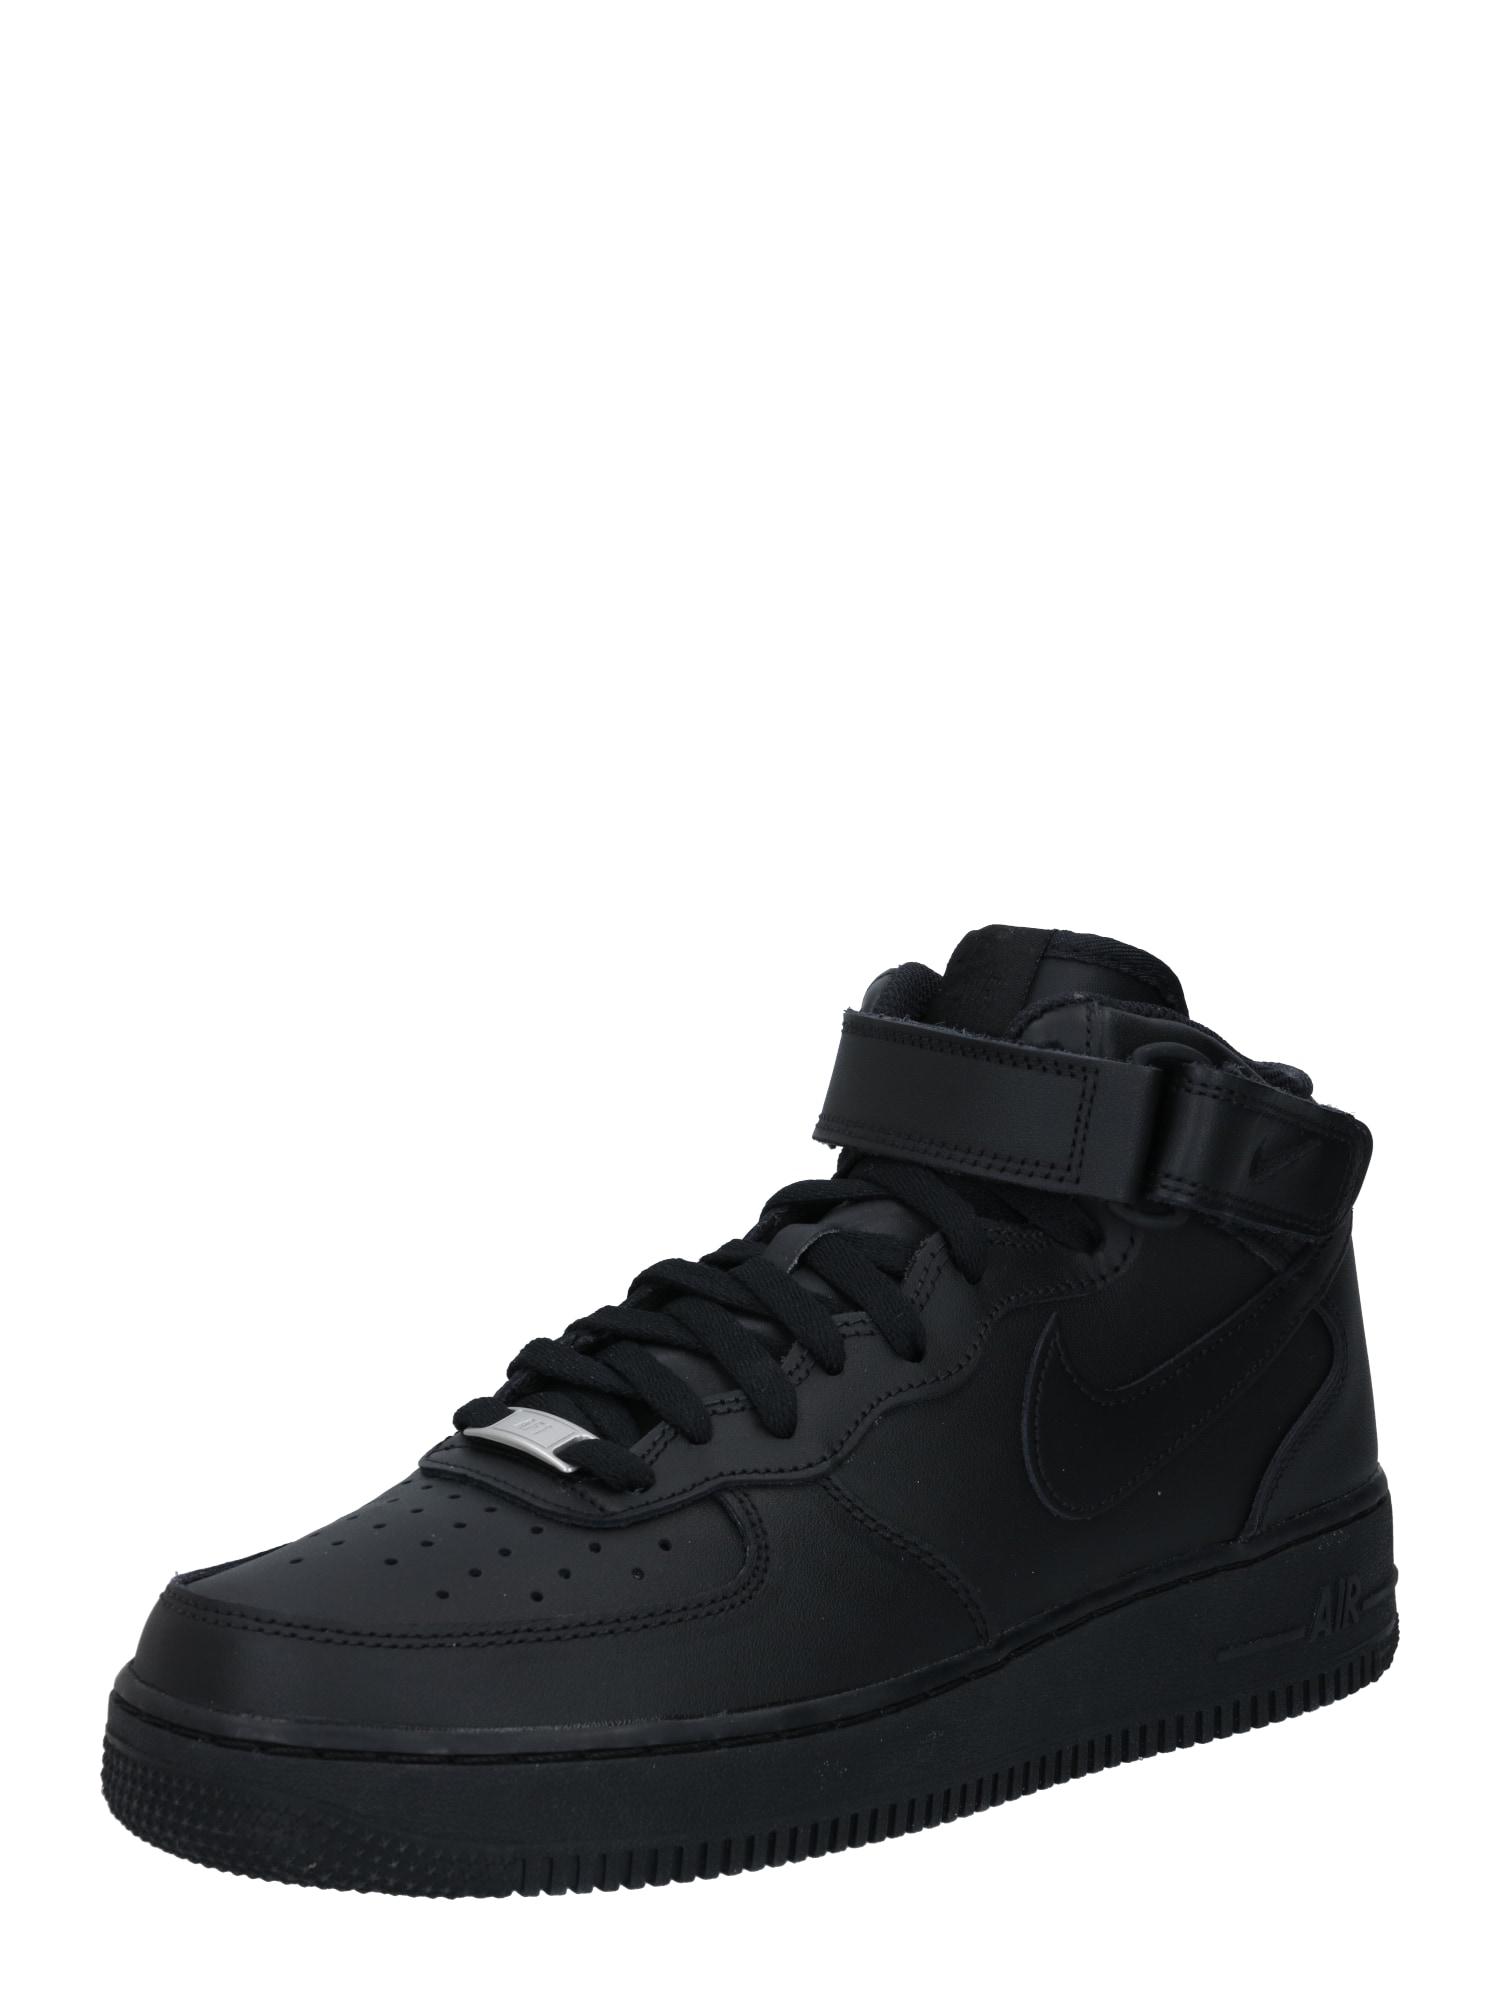 Nike Sportswear Sportbačiai su auliuku 'AIR FORCE 1 07' juoda